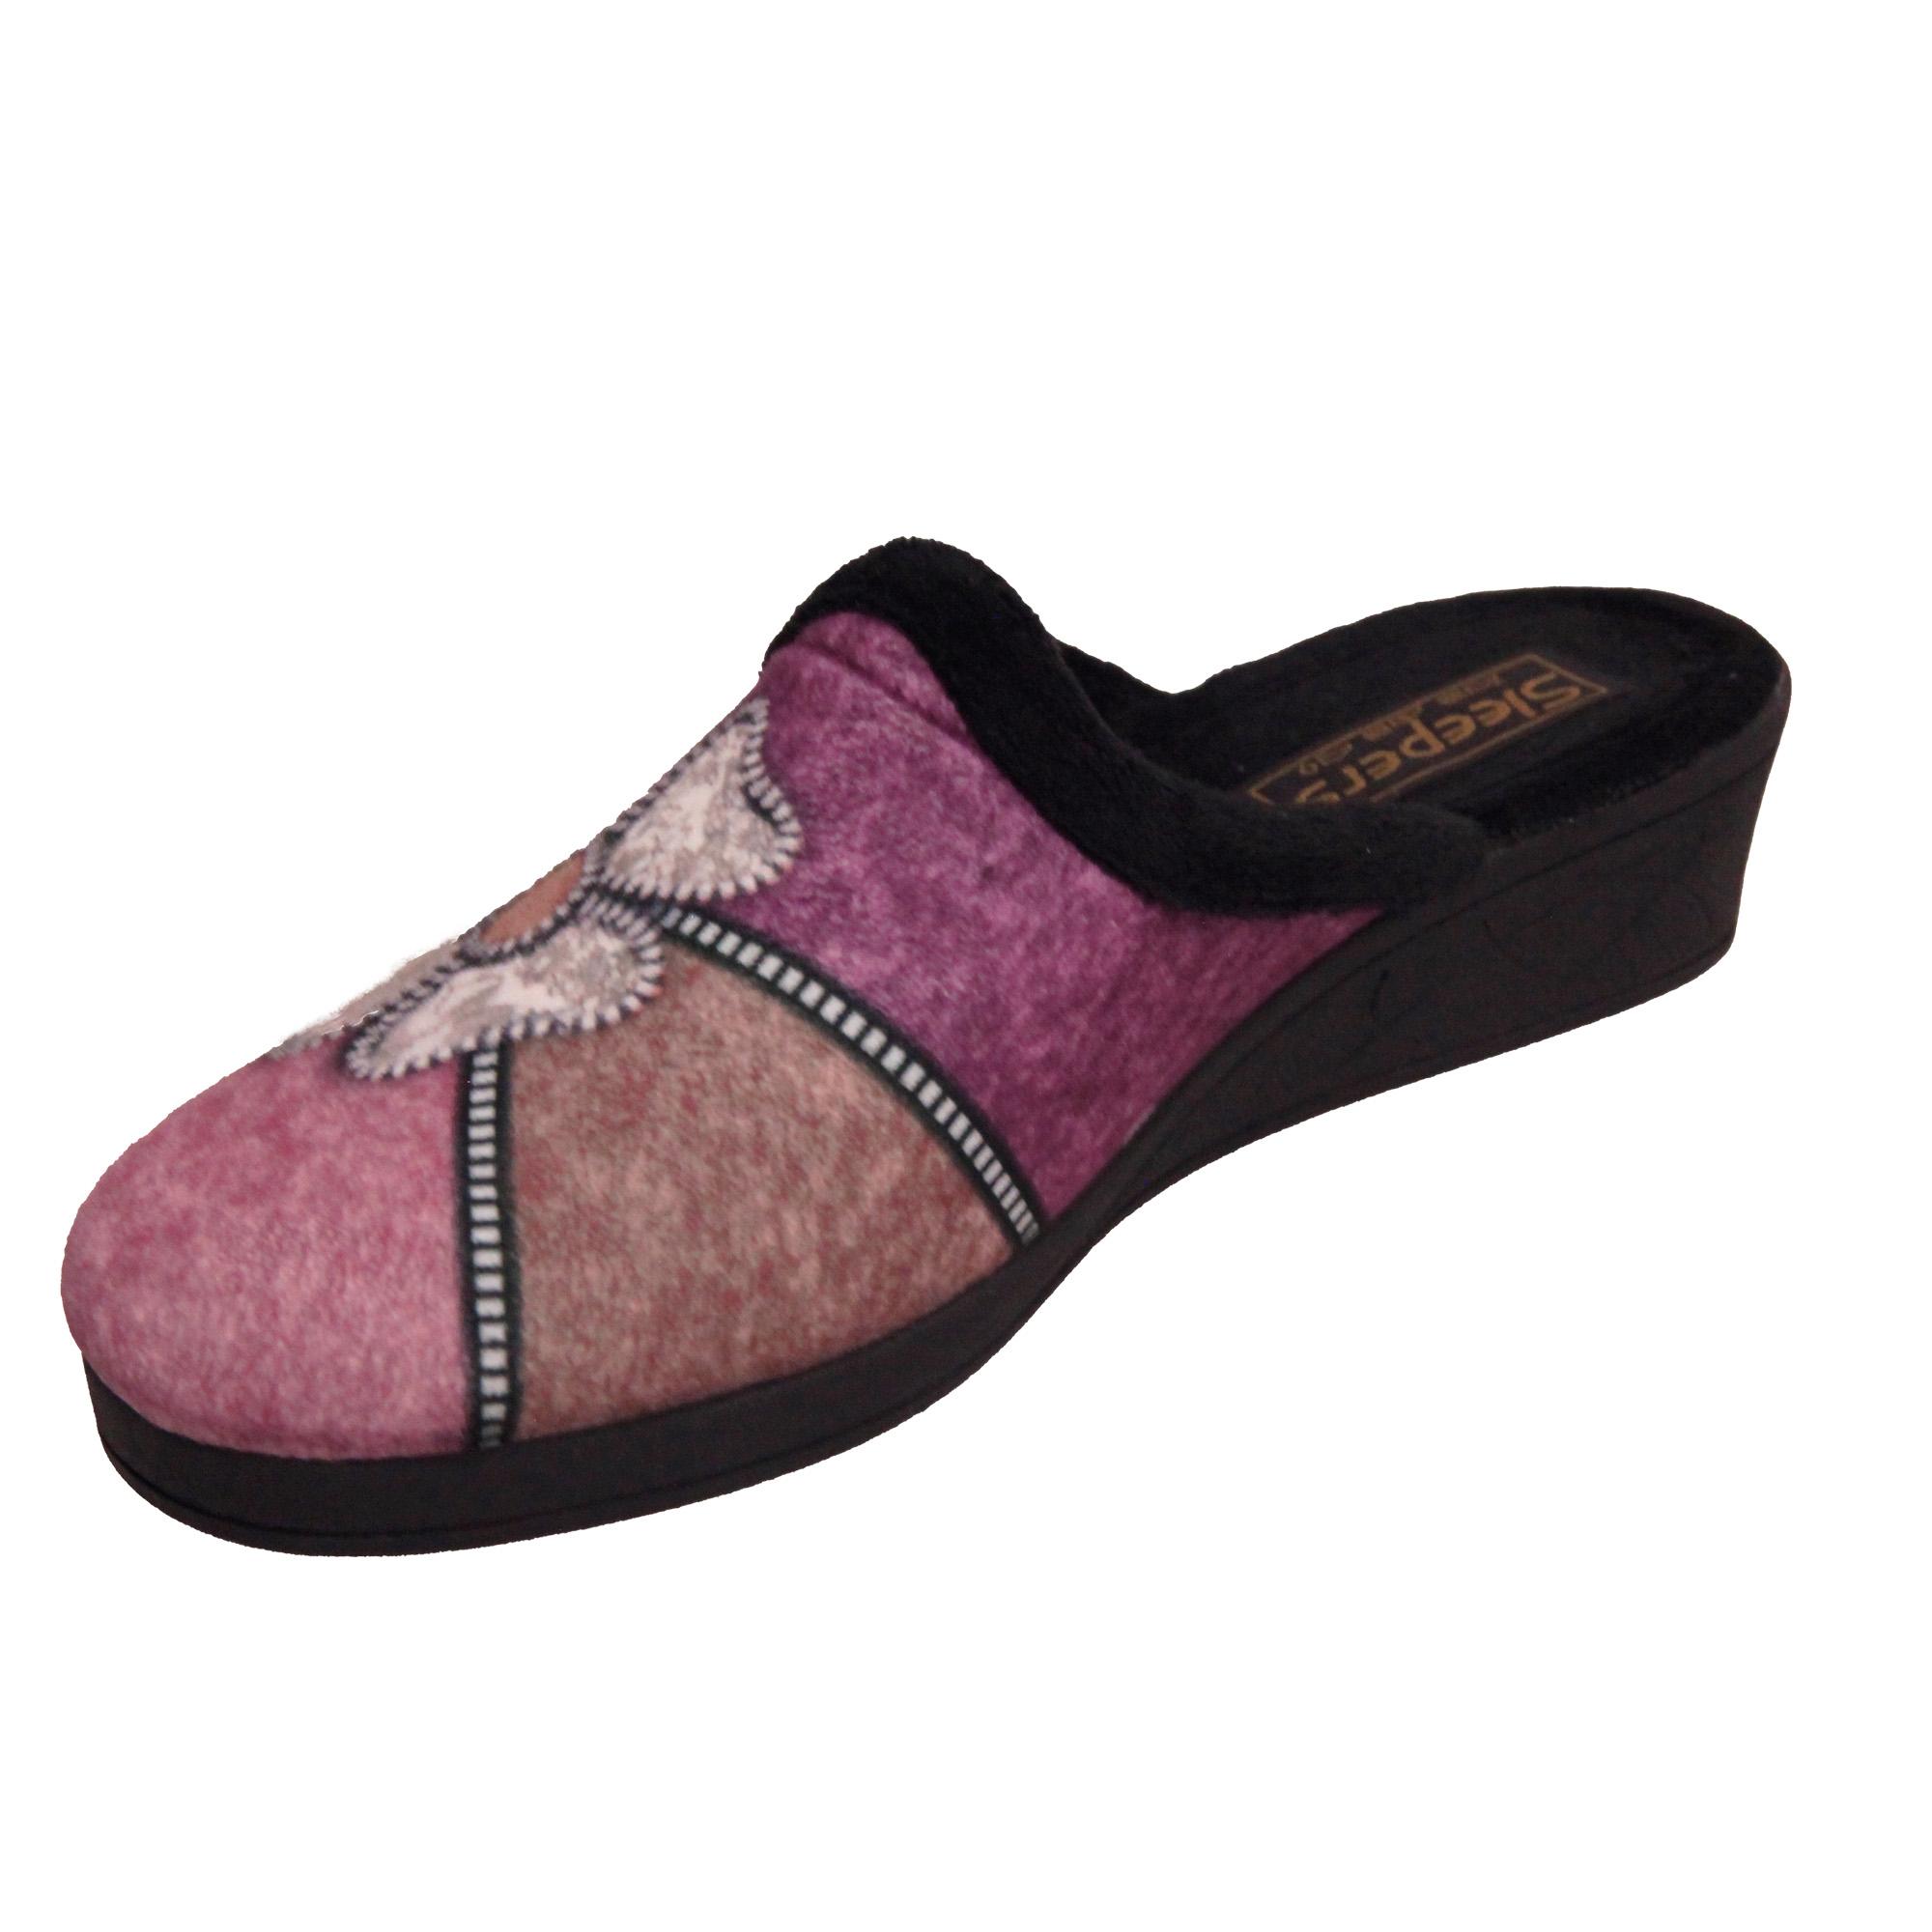 Sleepers Womens/Ladies Kimberly Flower Trim Mule Slippers (DF1430)